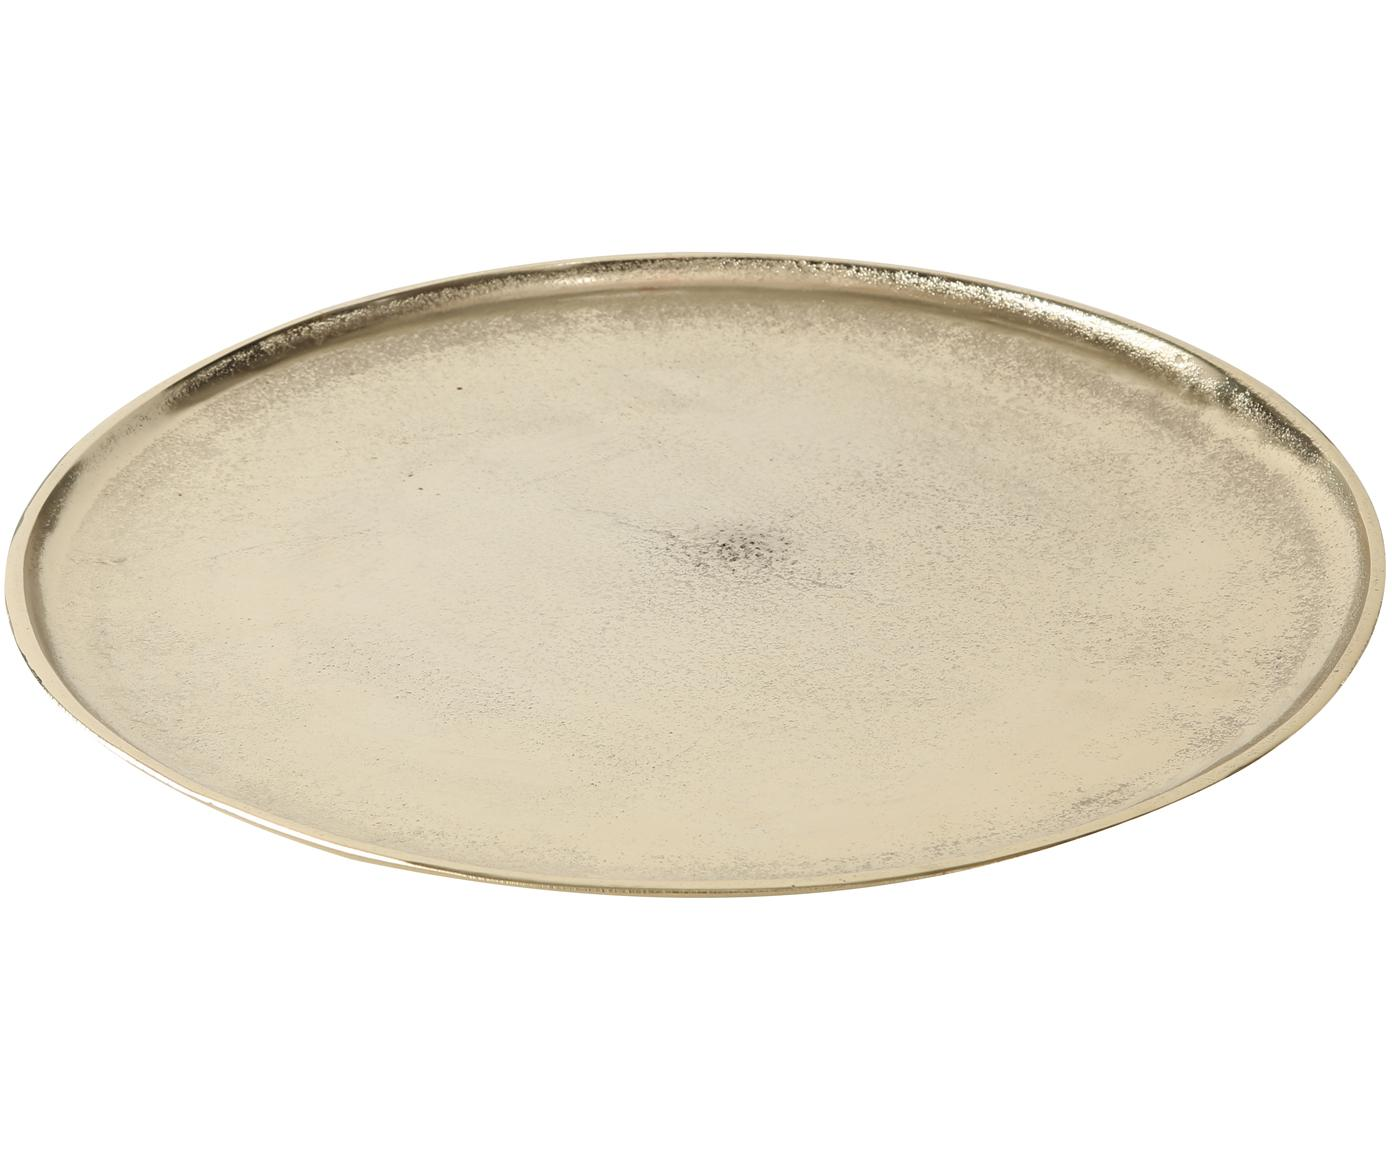 Deko-Tablett Phönix, Aluminium, Messingfarben, Ø 42 cm